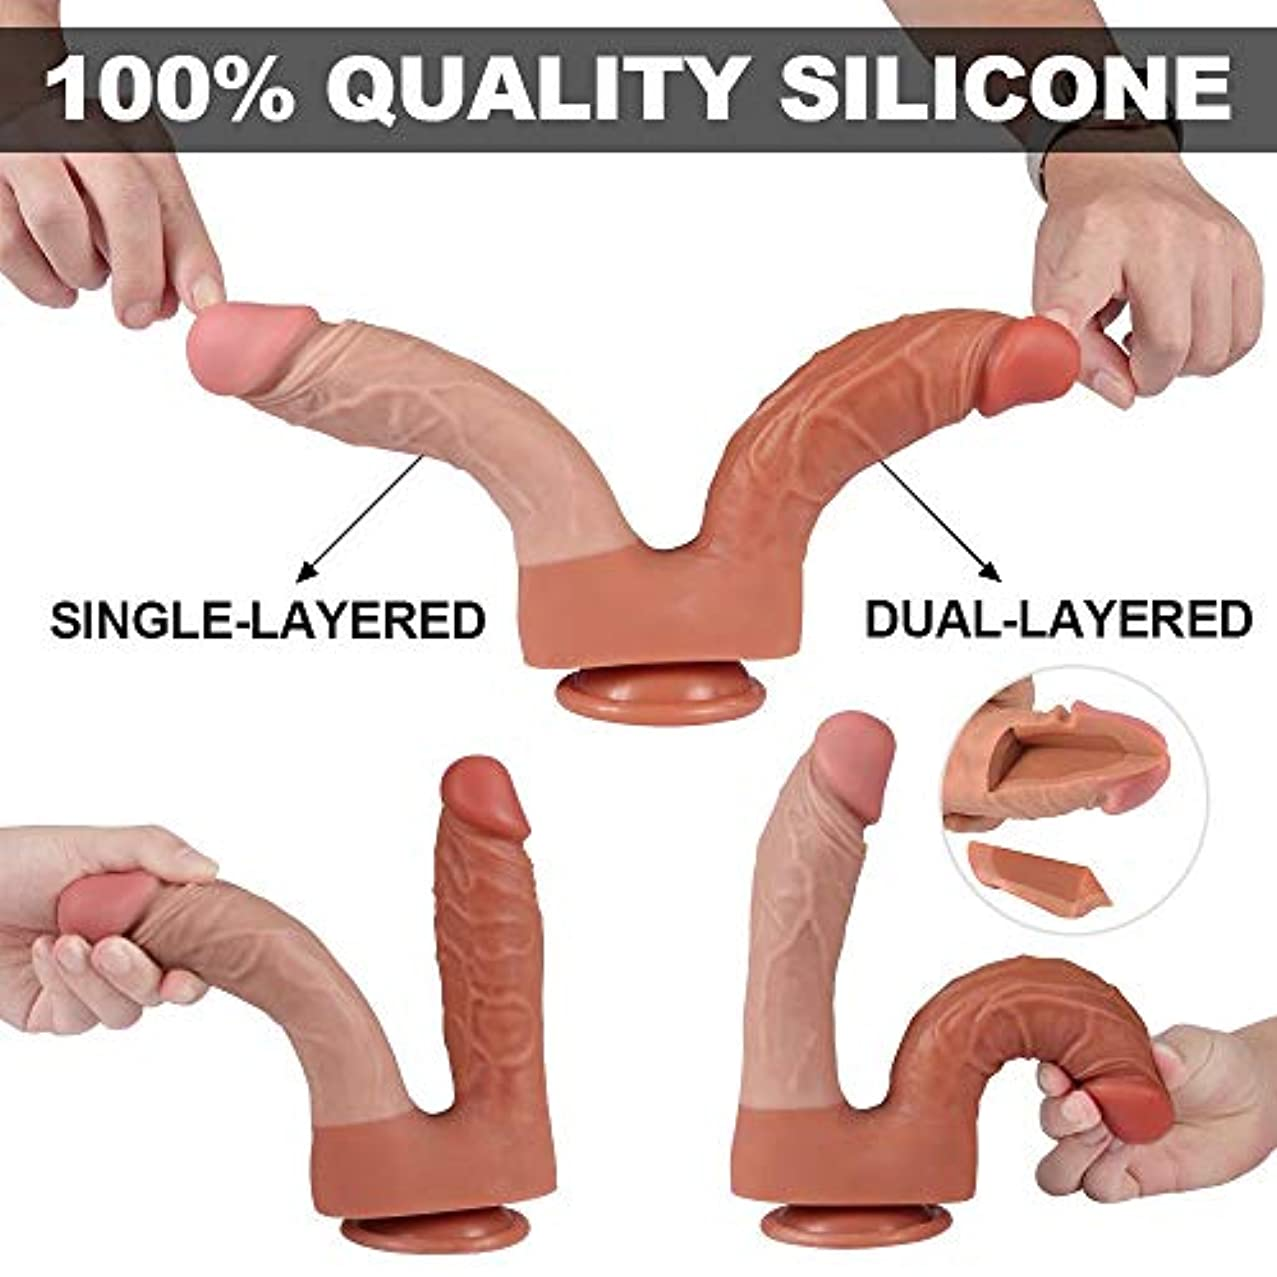 フリース塗抹読みやすいY-angcco6 ソフトで柔軟なダブルヘッドマッサージSEおもちゃ女性カップル - 100%秘密のパッキング